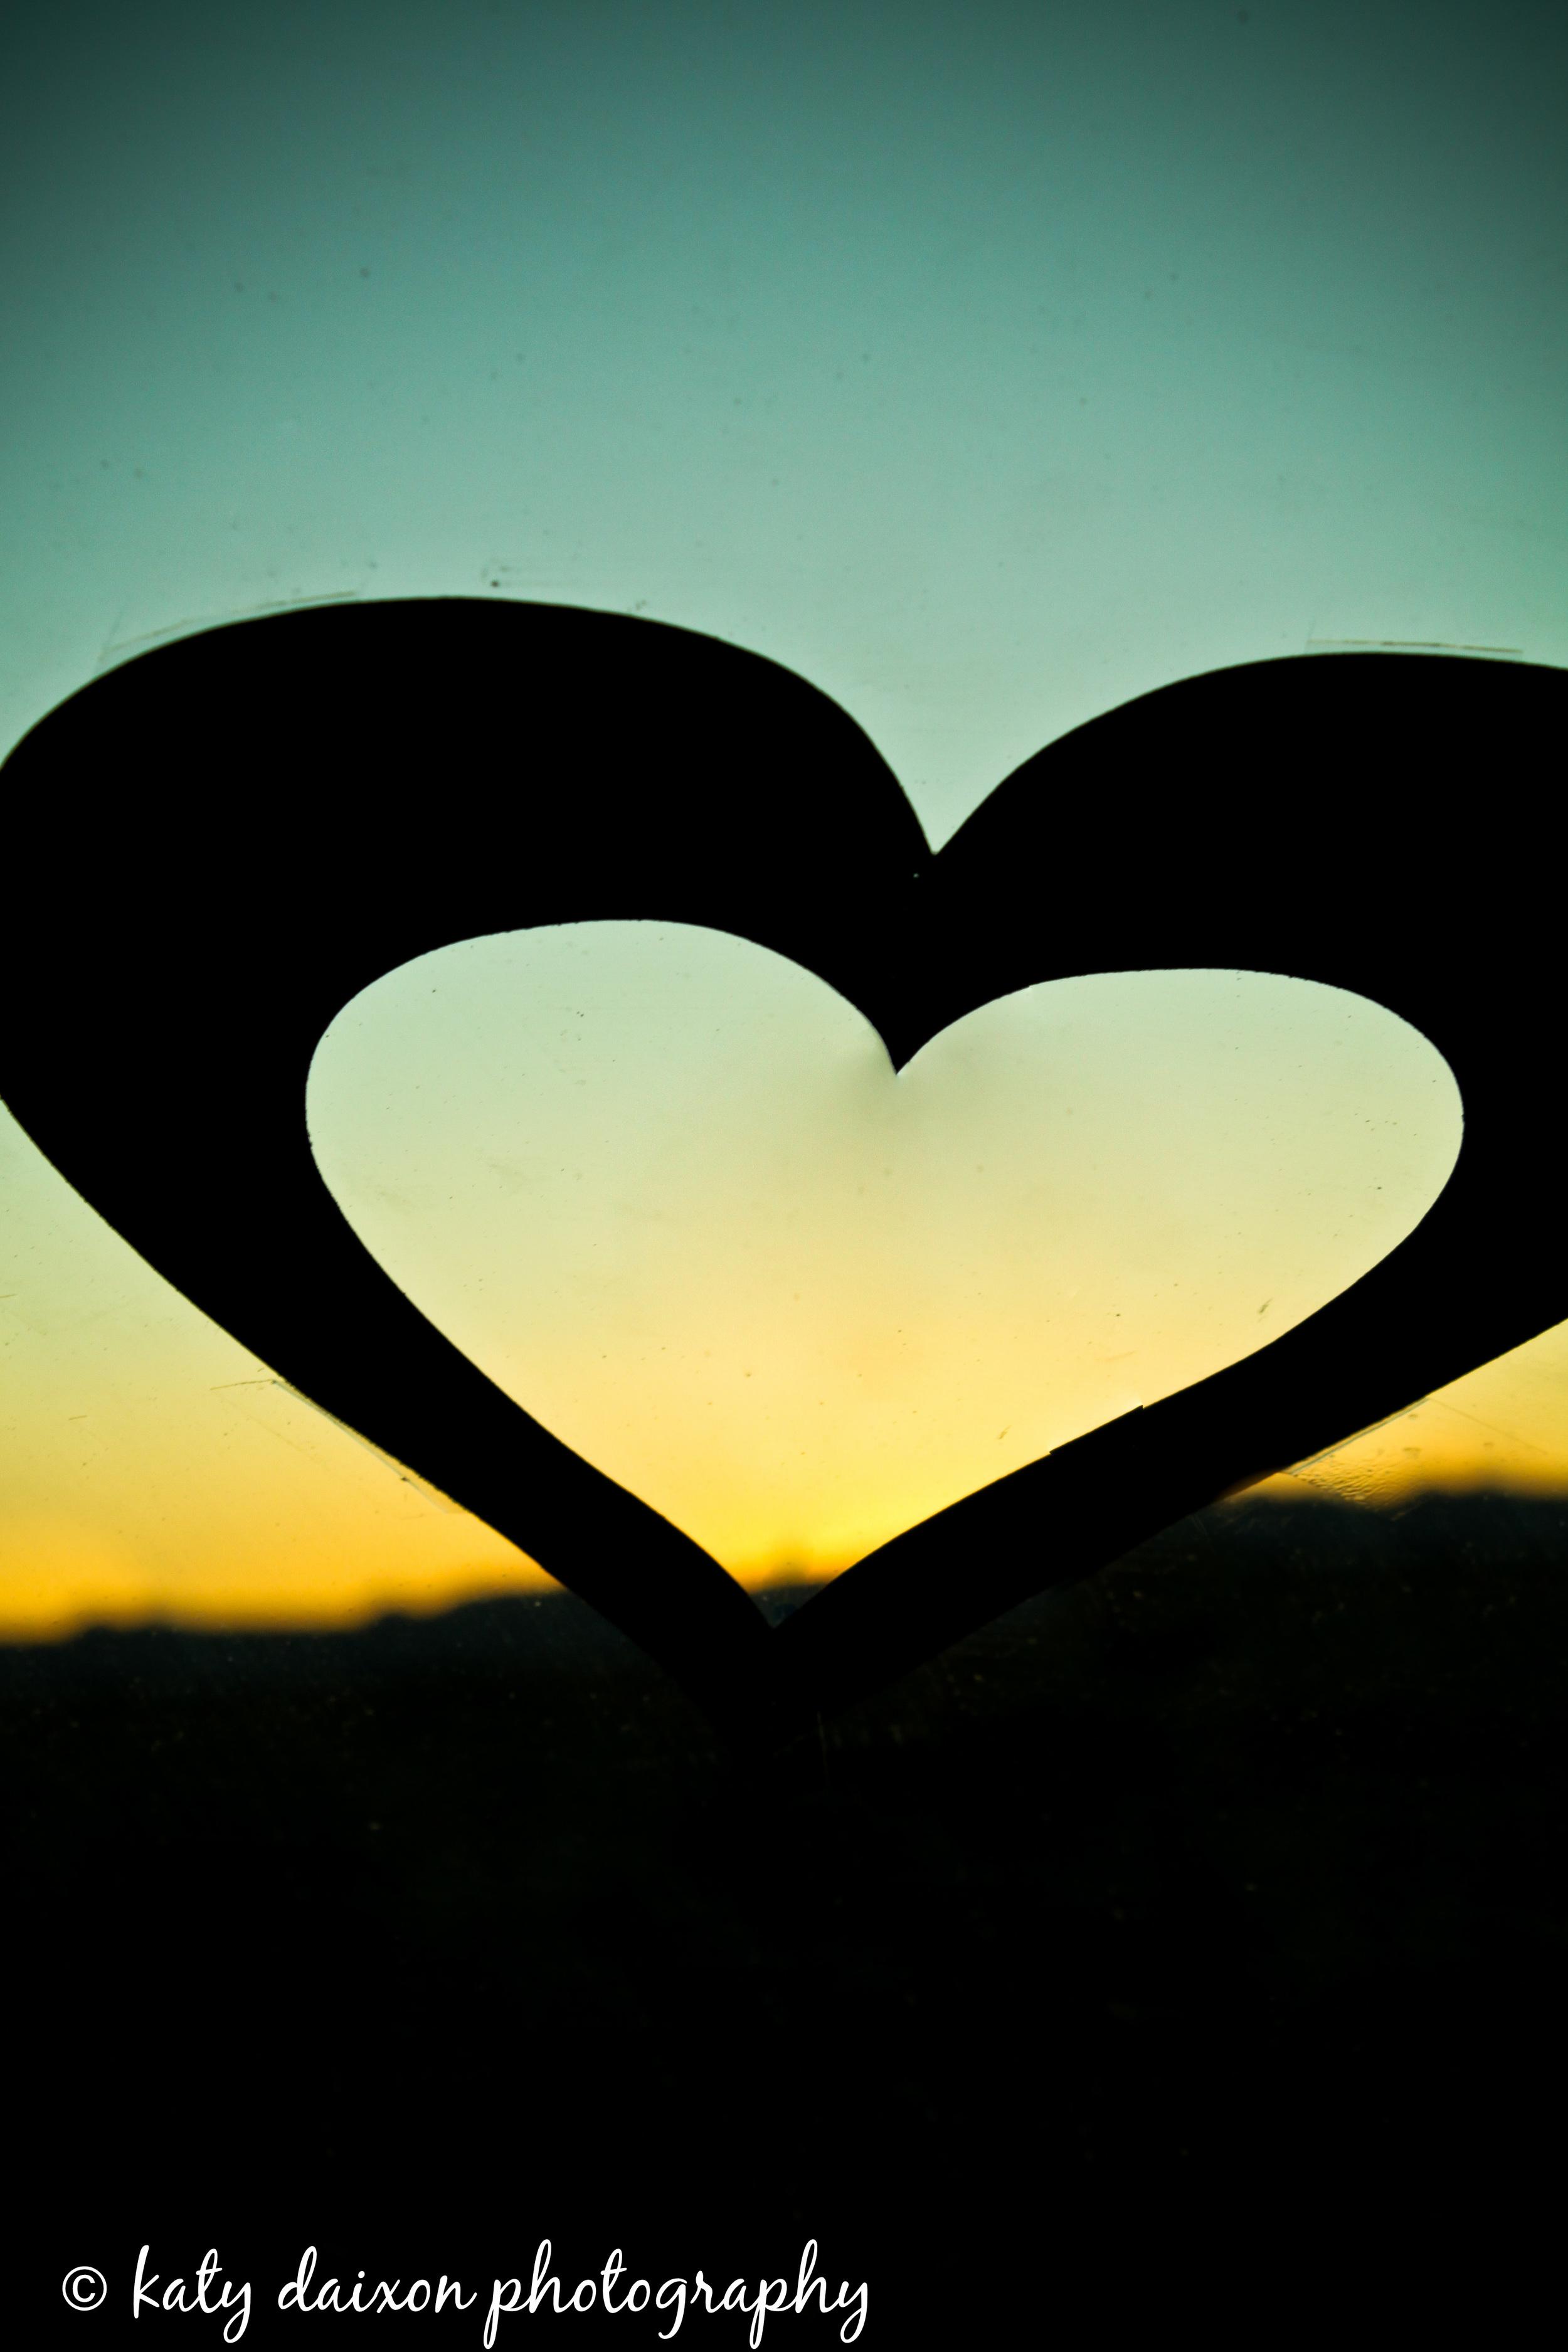 valentines-day-heart-1.jpg